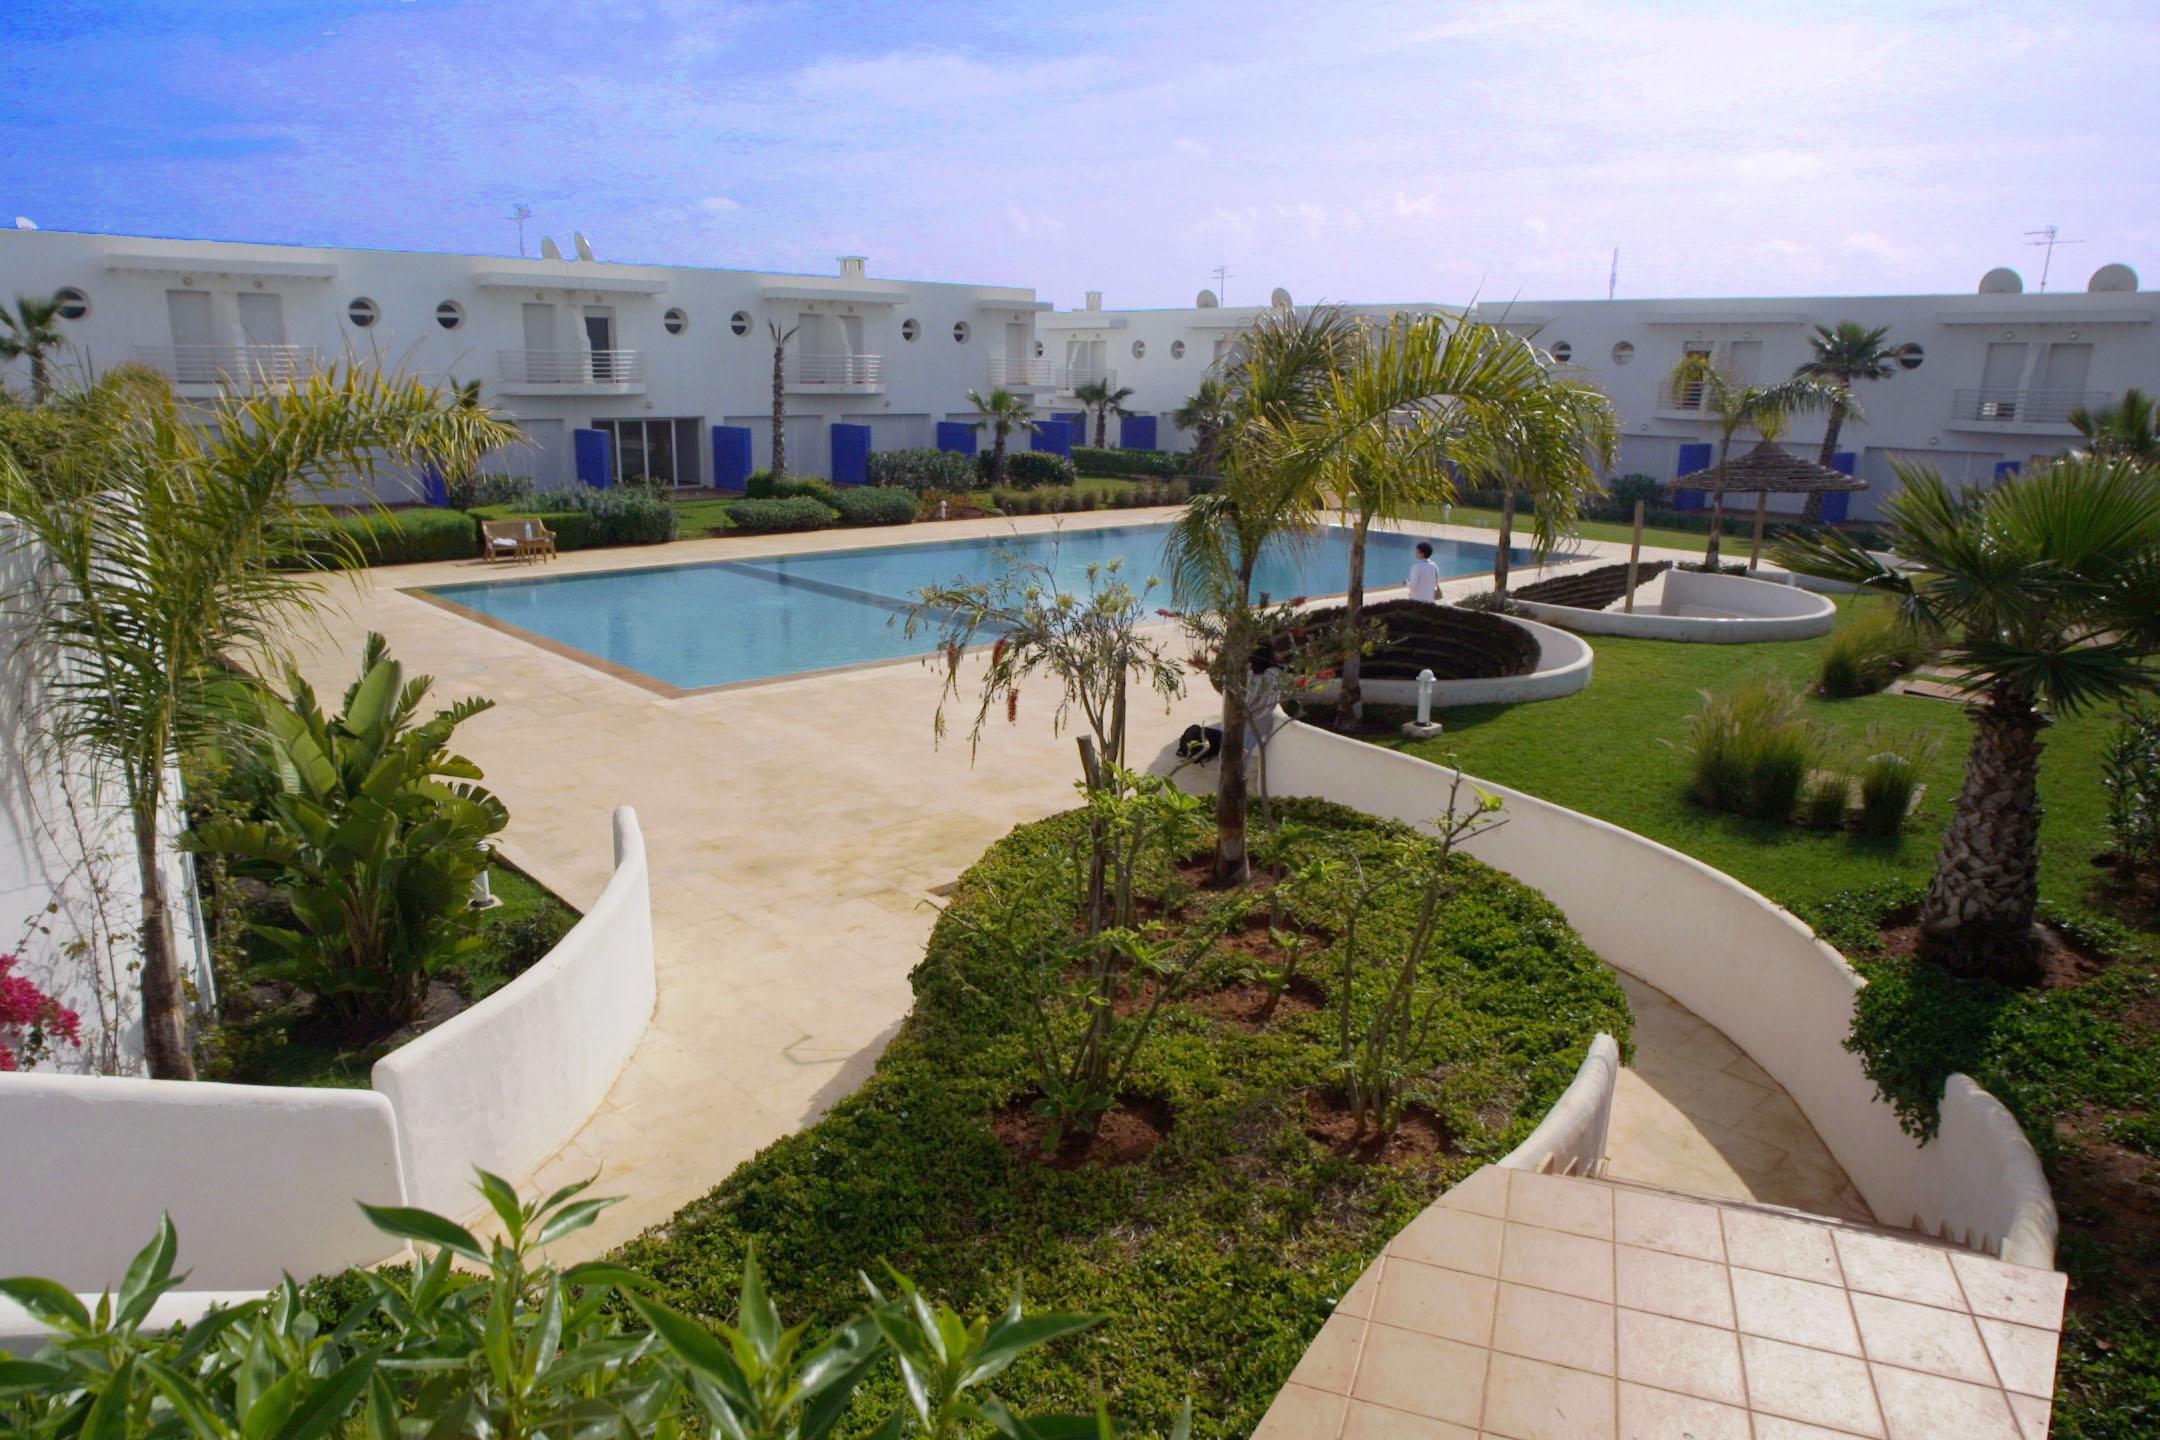 Residence chadia skhirat rabat maroc for Residence a mohammedia avec piscine